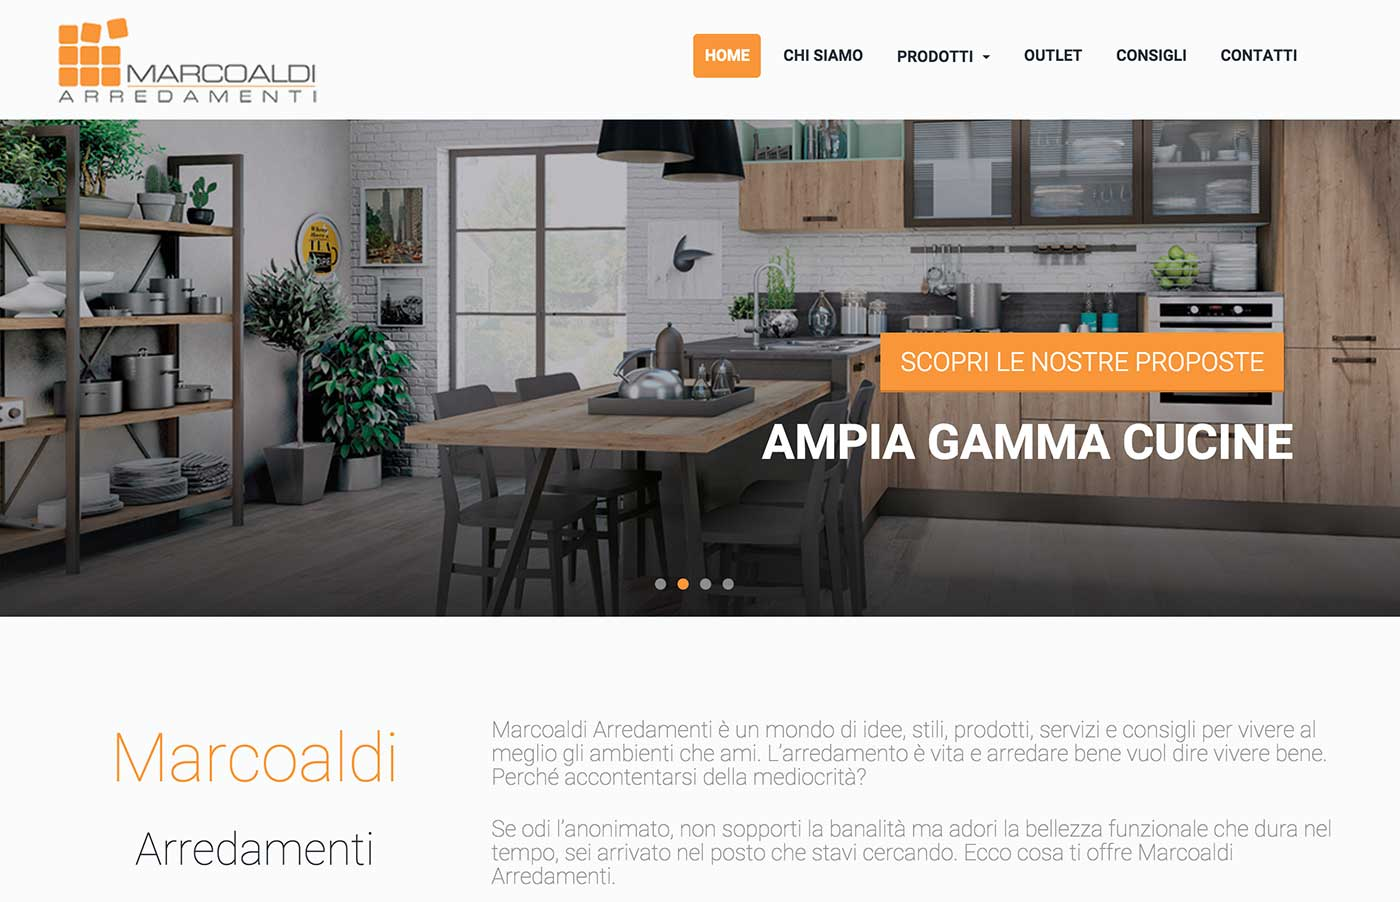 Sito web per marcoaldi arredamenti wordpress portfolio for Siti di arredamenti